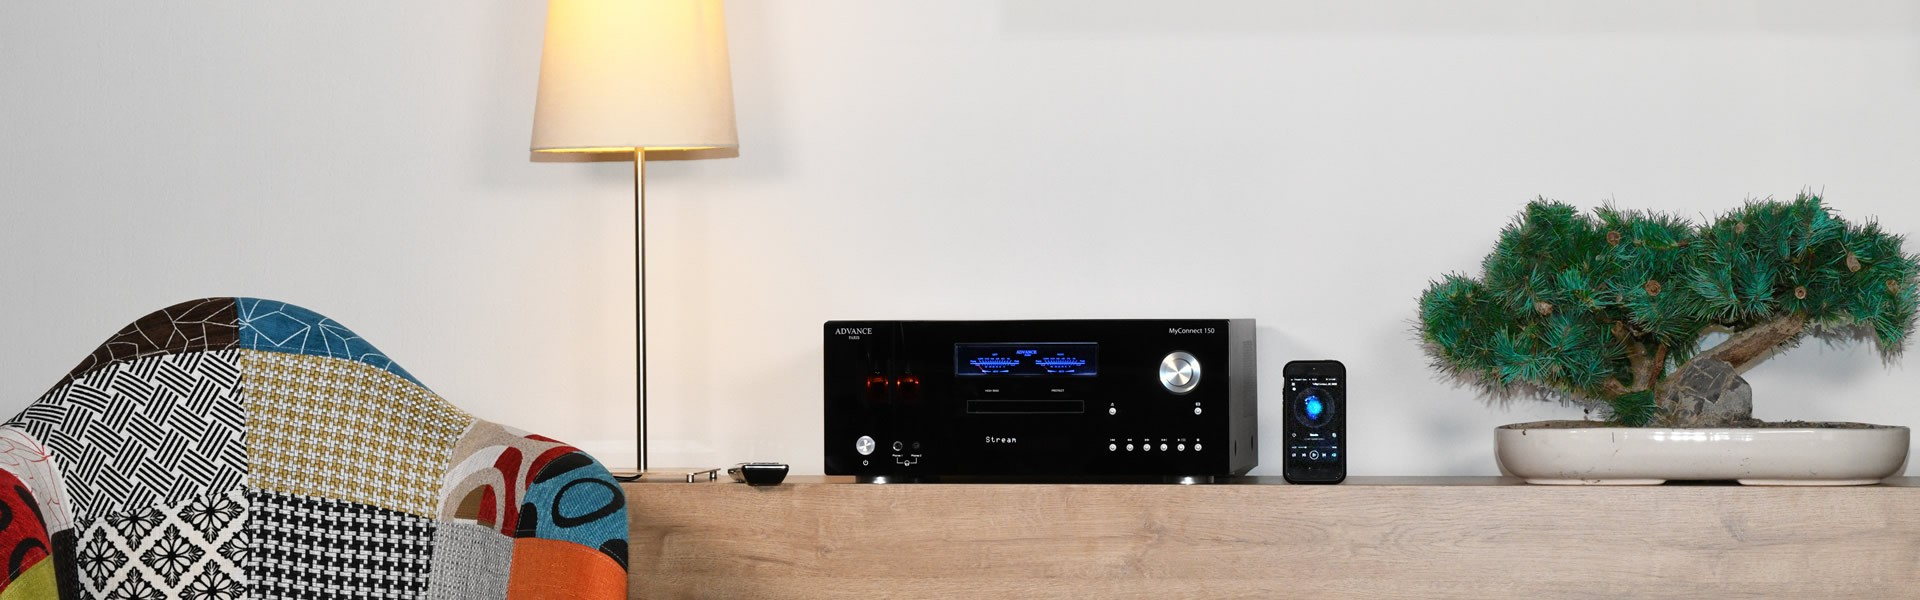 My Connect 150 - Advance Paris